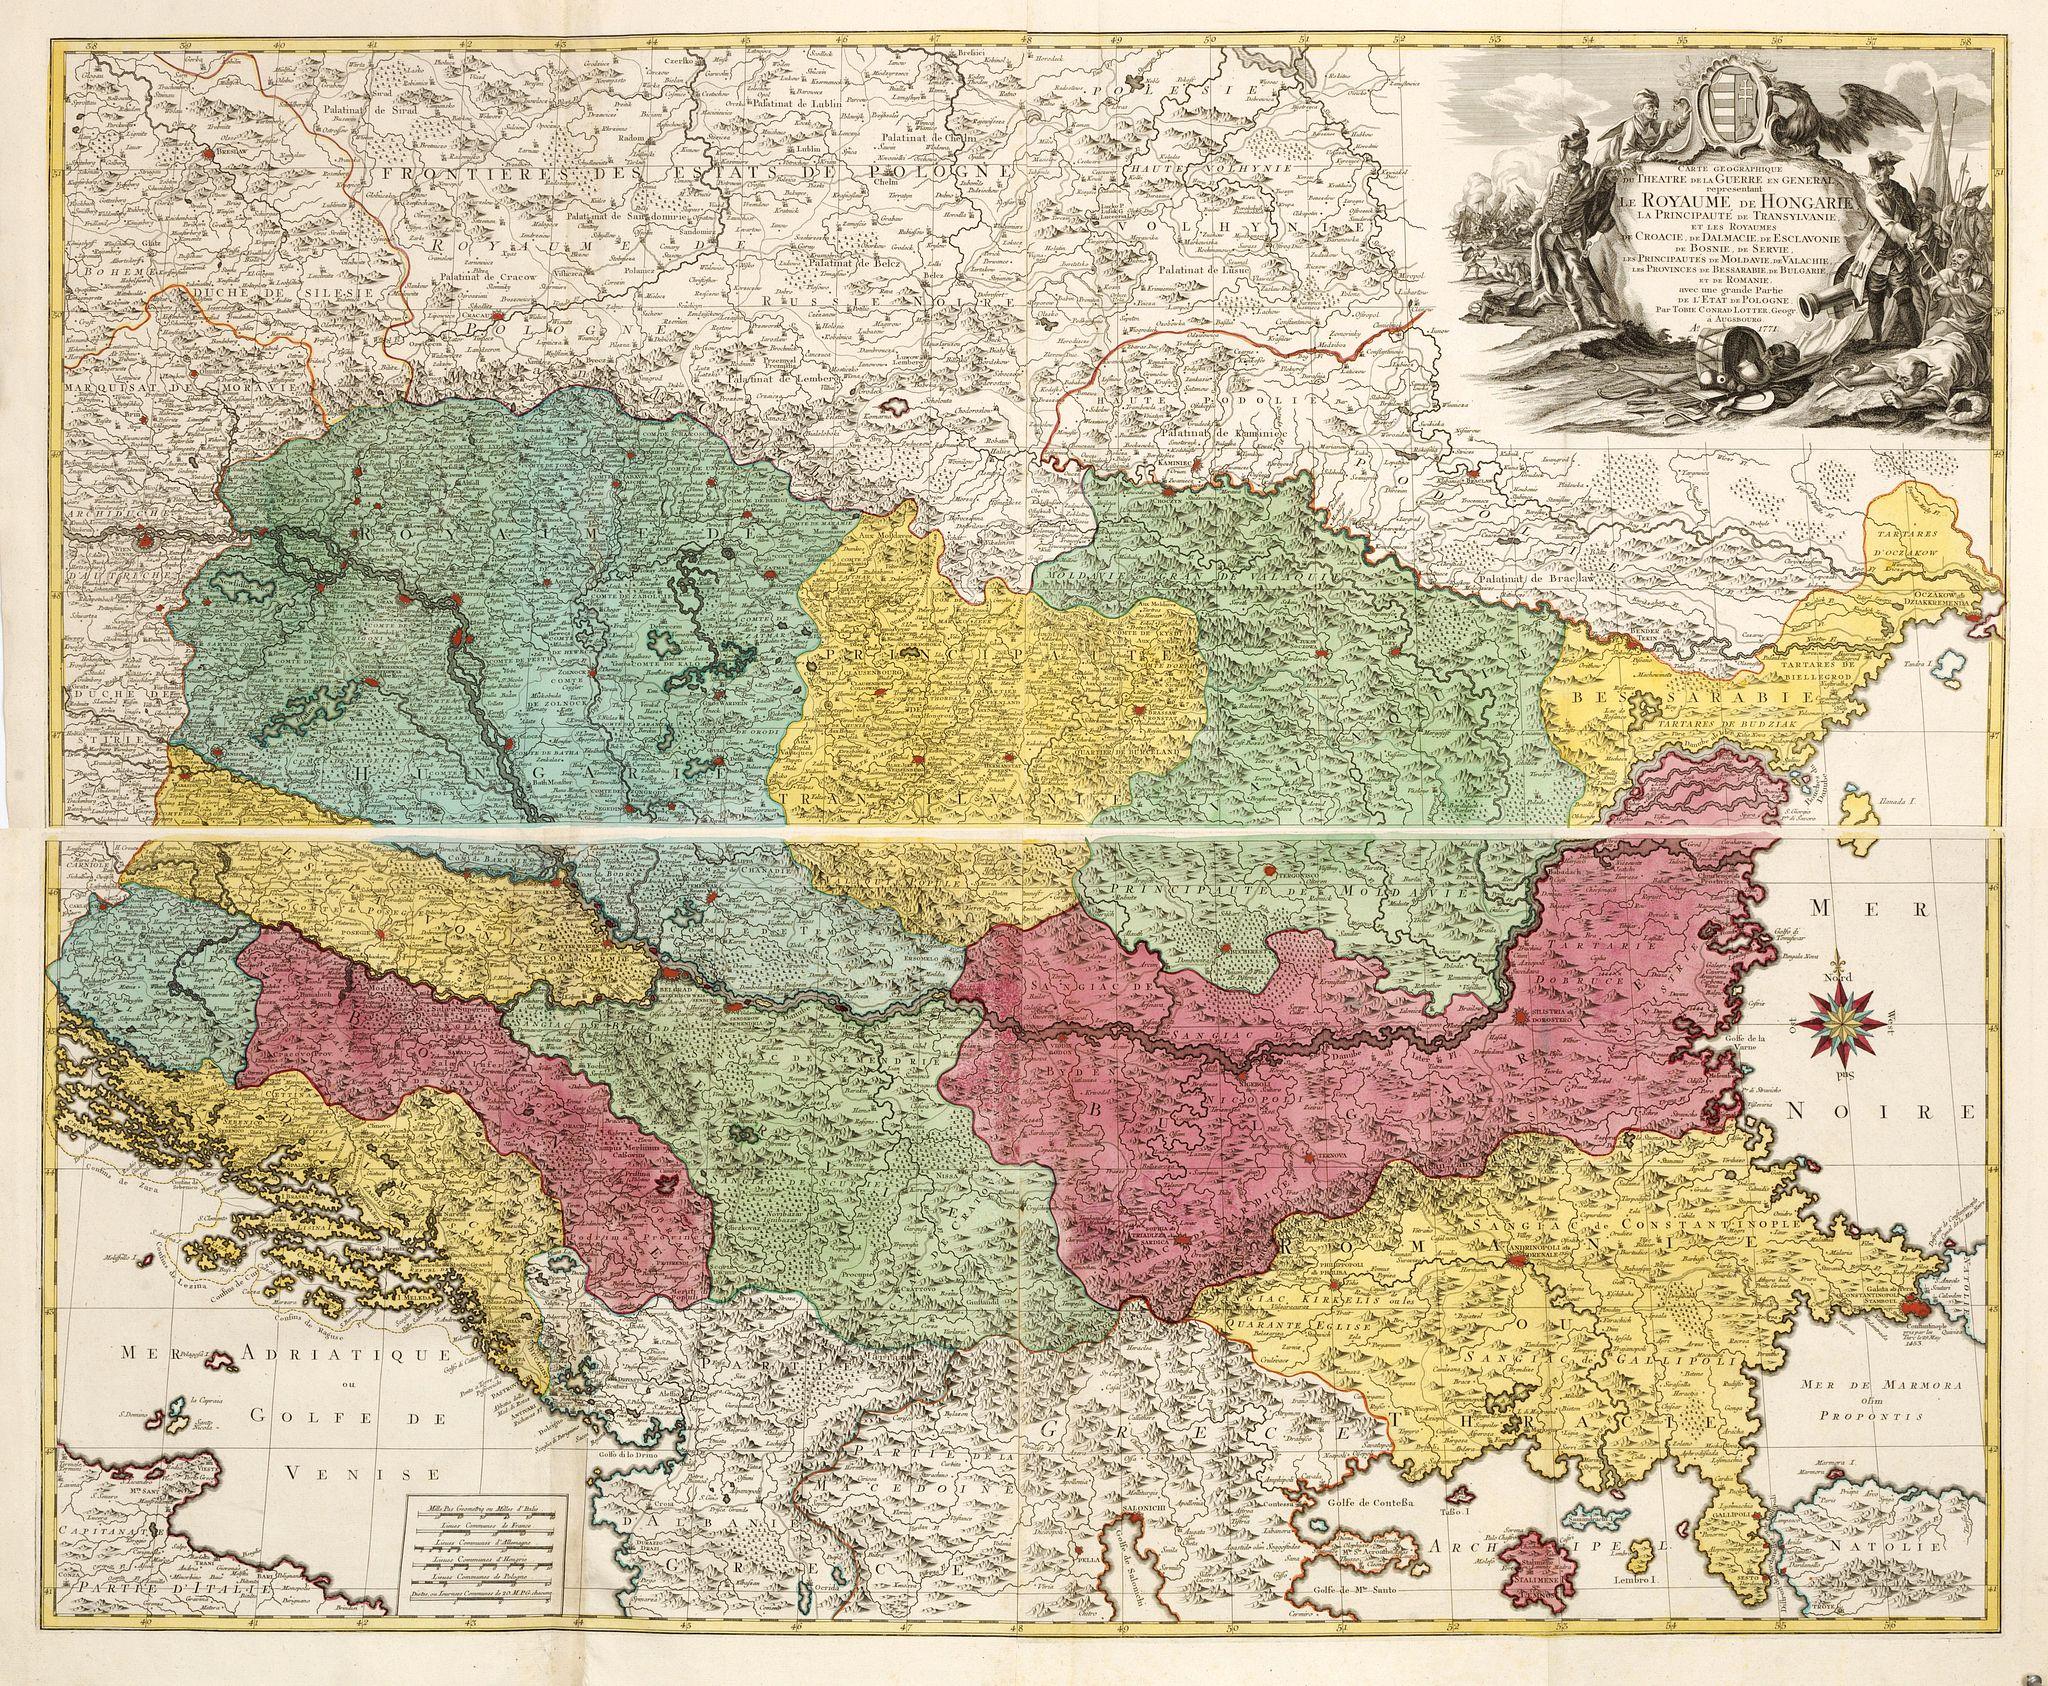 LOTTER, T. -  Carte Geographique du Theatre de la Guerre en General representant le Royaume de Hongarie la Principauté de Transylvanie, et les Royaumes de Croacie, de Dalmacie, de Esclavonie, de Bosnie, de Servie . . .  avec une grande Partie de l'Etat de Pologne